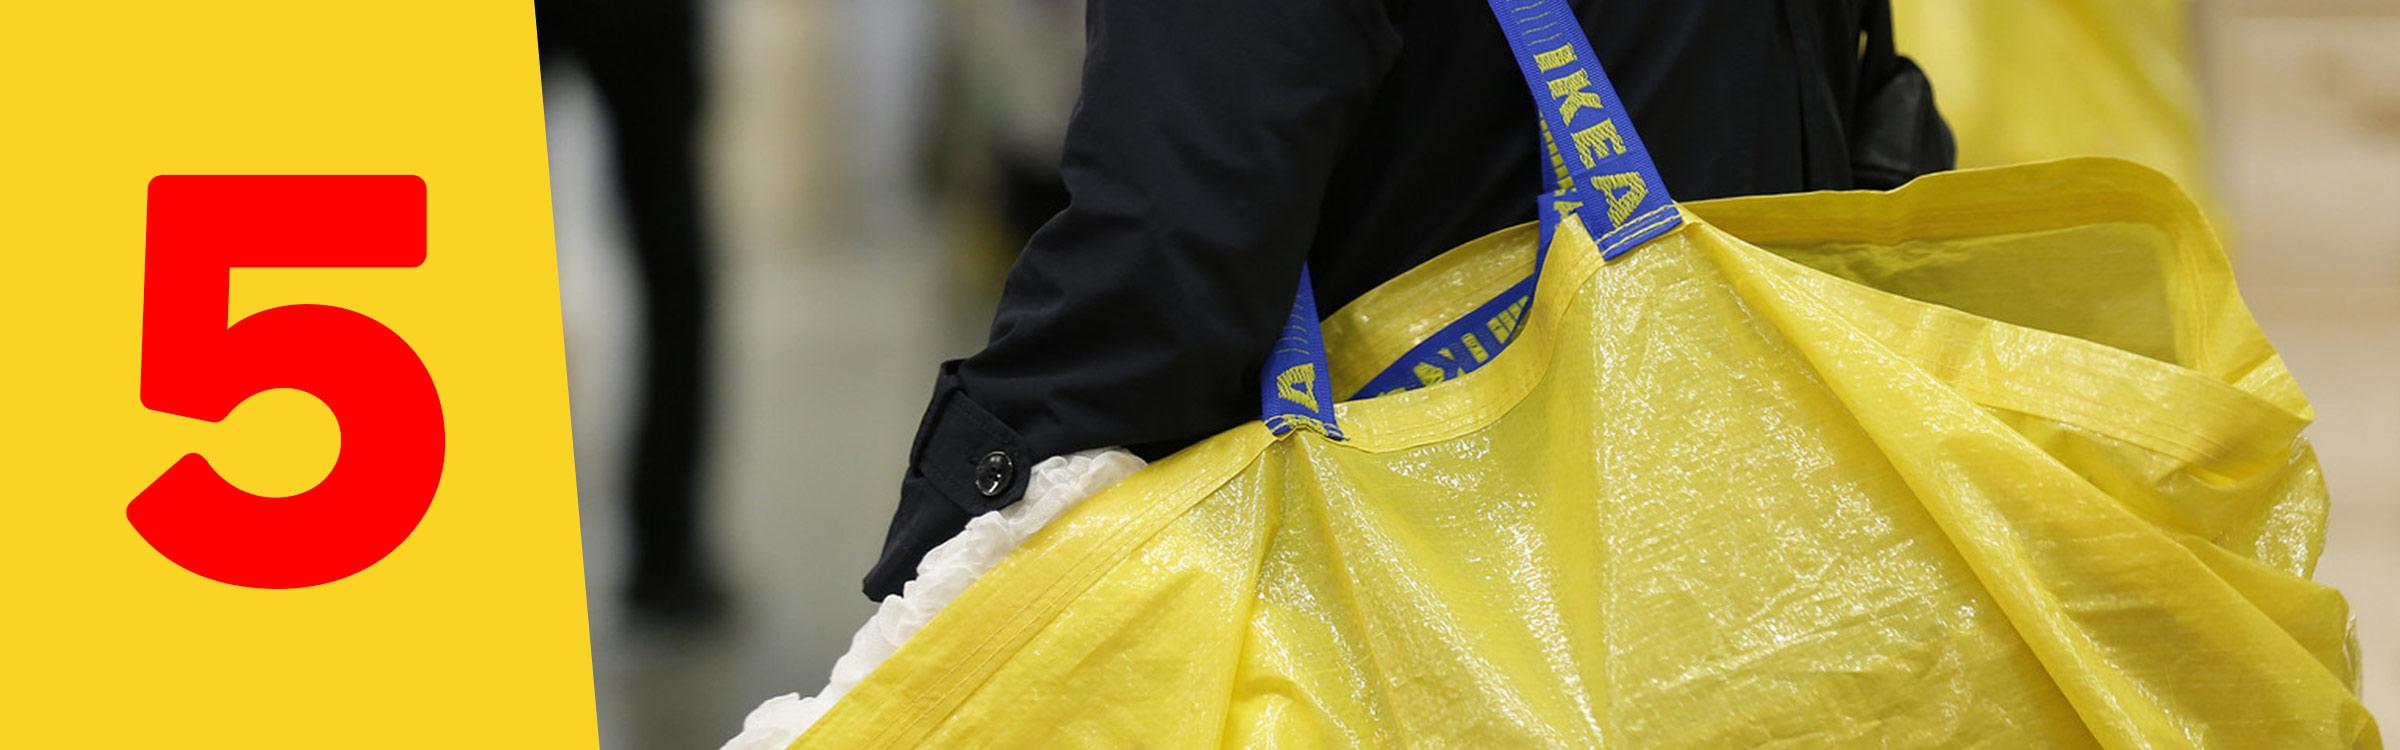 beschikbaar uitchecken info voor 5 dingen die typisch zijn voor een bezoekje aan de Ikea - Qmusic